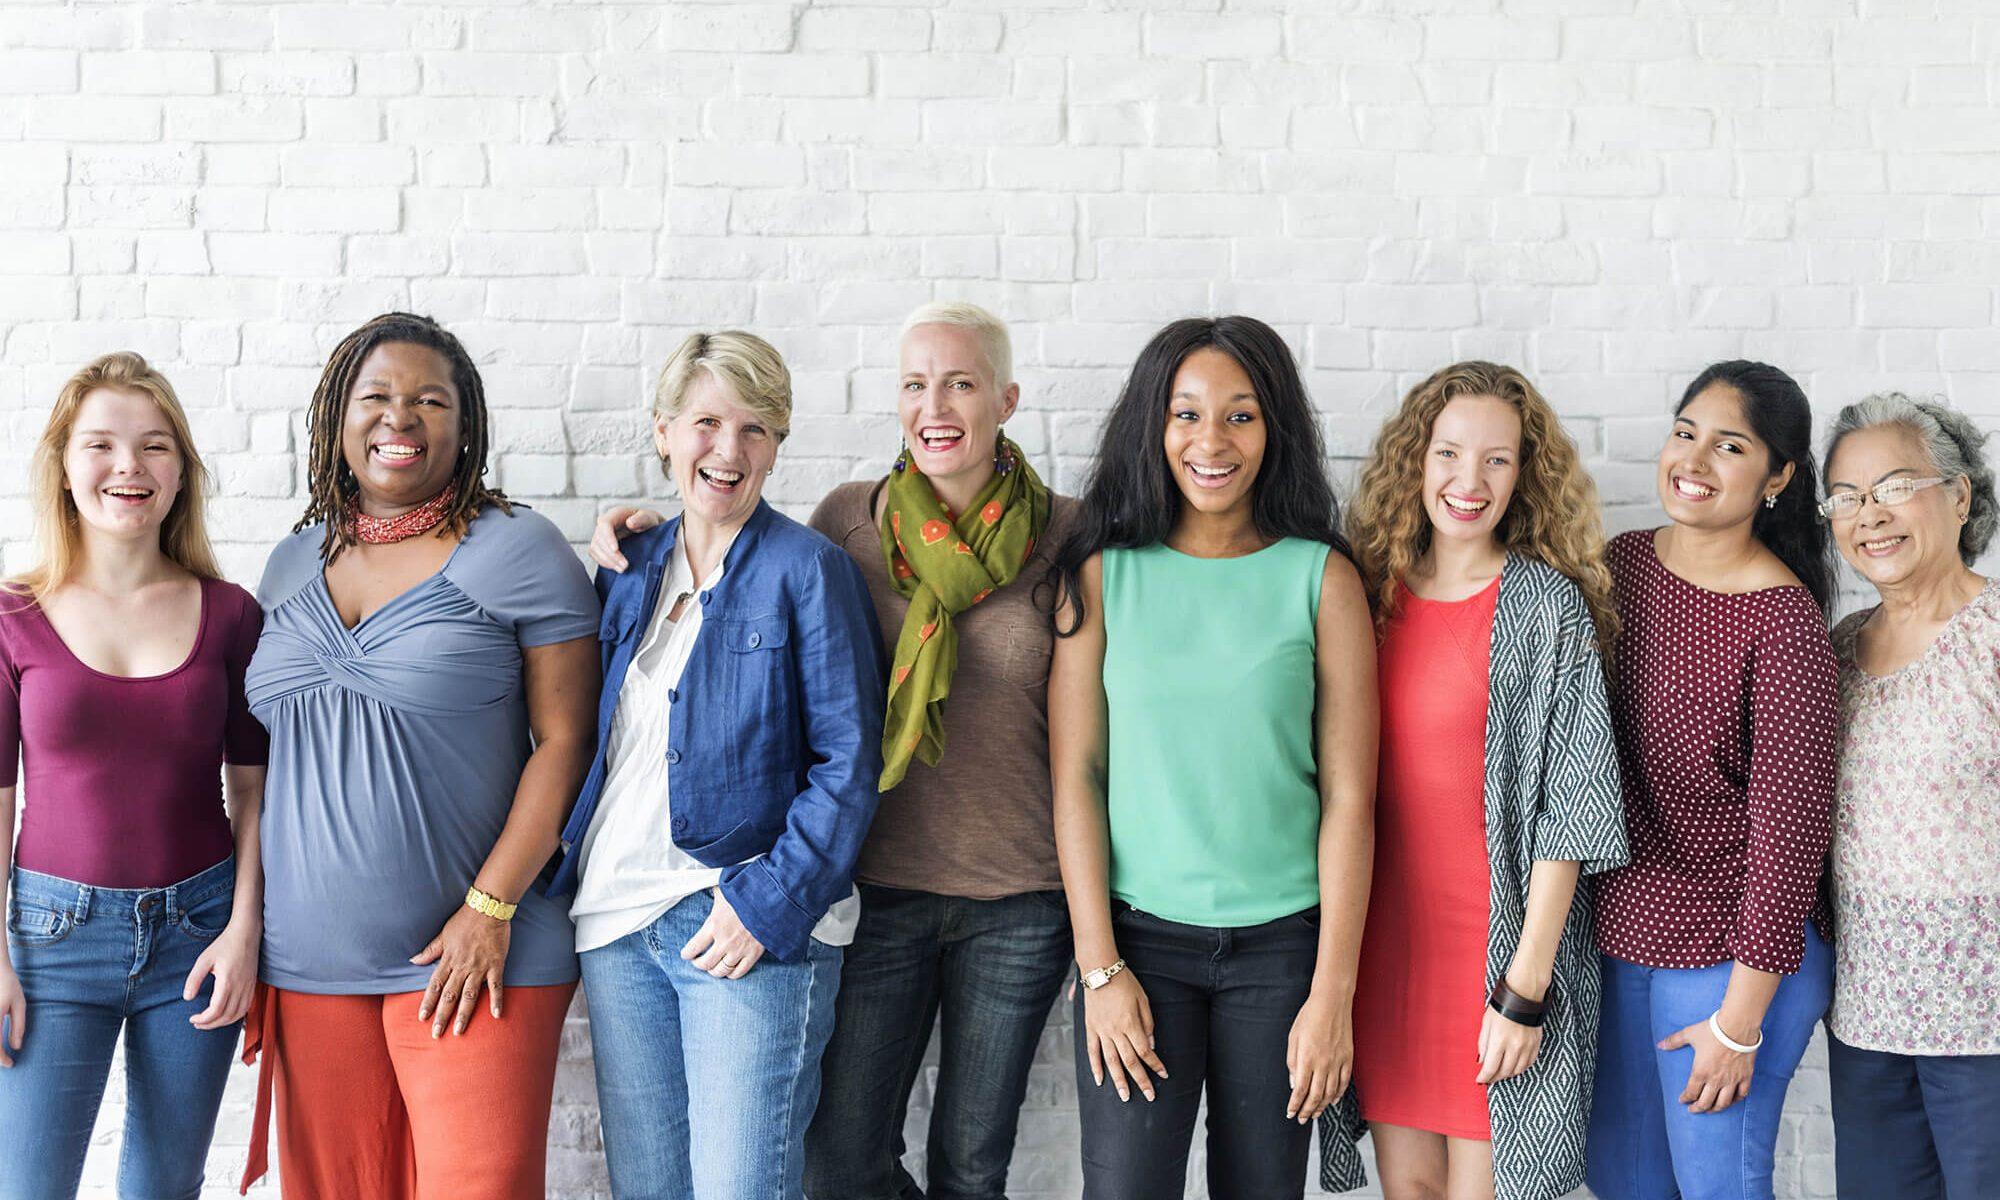 viv-vrouwen-integratie-contact